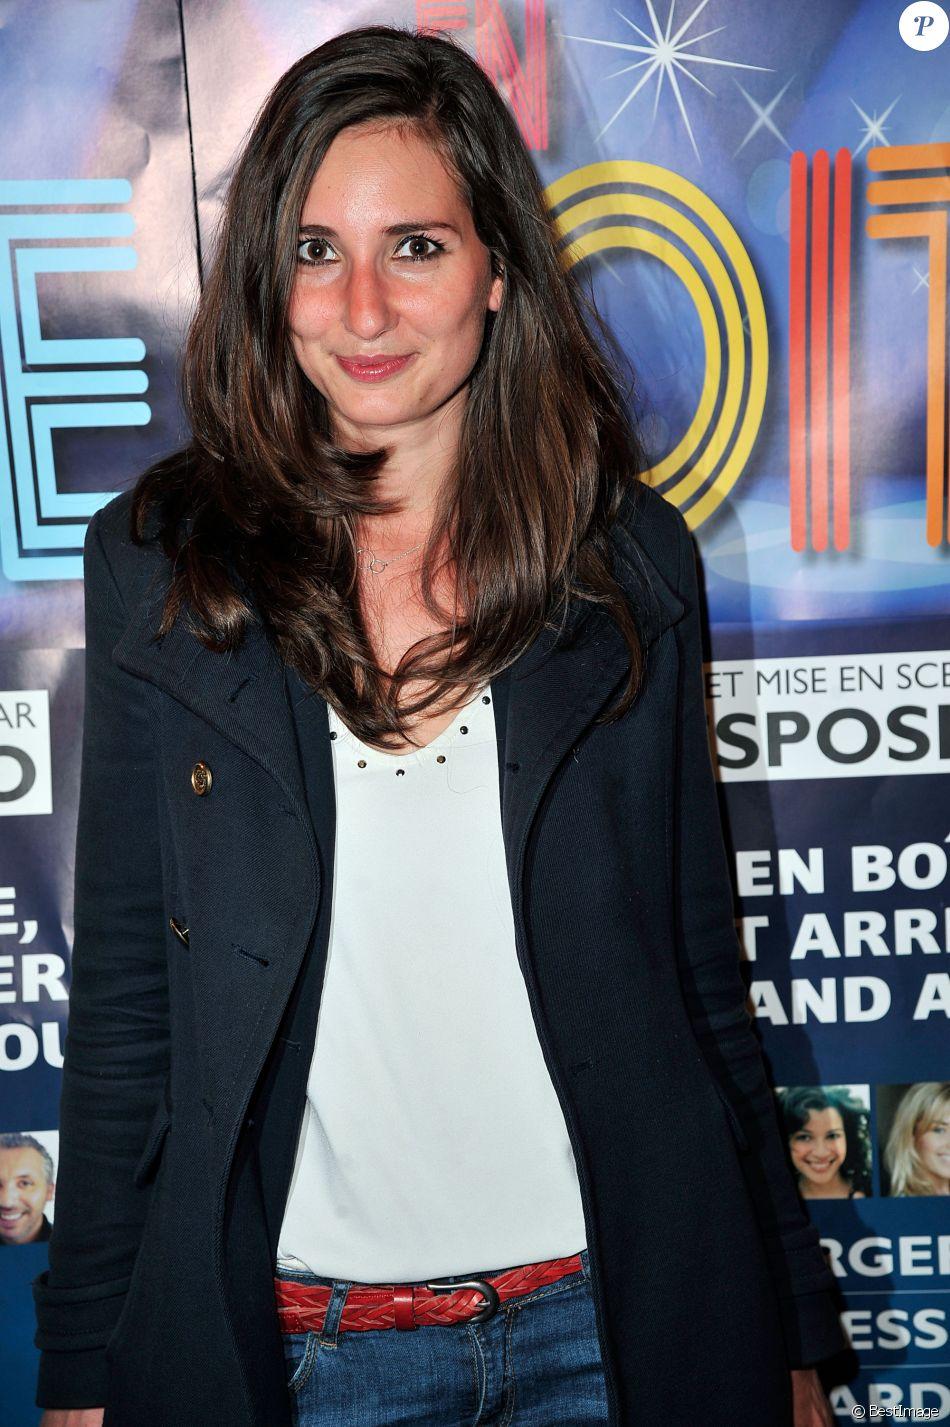 """Marie Portolano - Générale de la pièce de théâtre """"Rendez-vous en boîte"""" au théâtre de La Gaîté Montparnasse à Paris, le 7 avril 2014."""